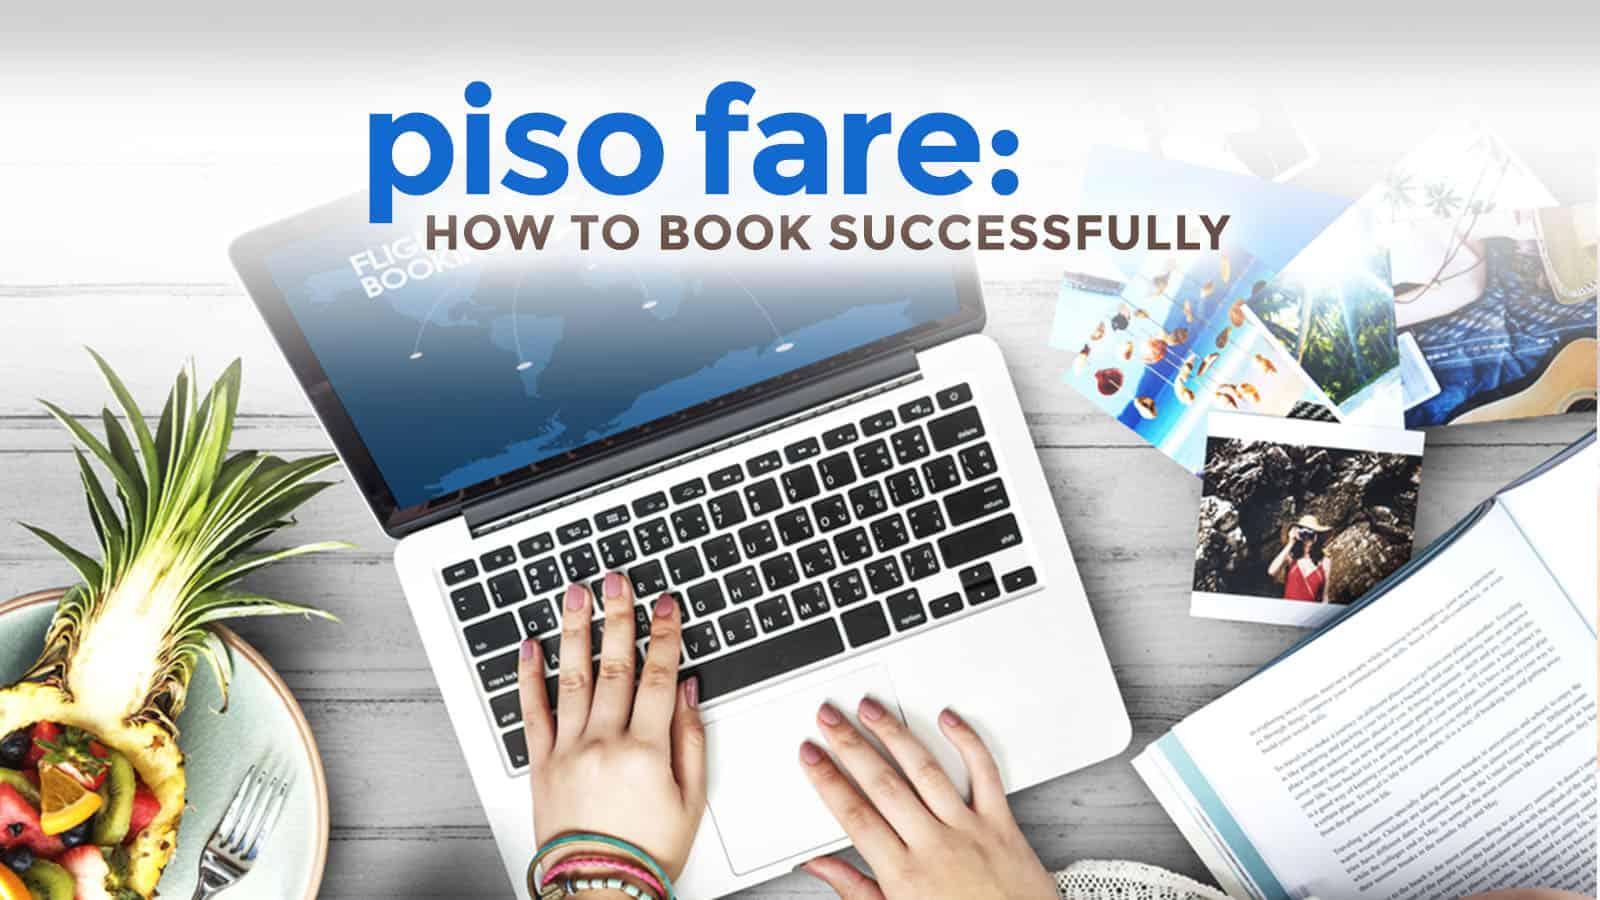 8个内幕提示。如何成功预订PISO FARE航班 | 穷游者的行程博客